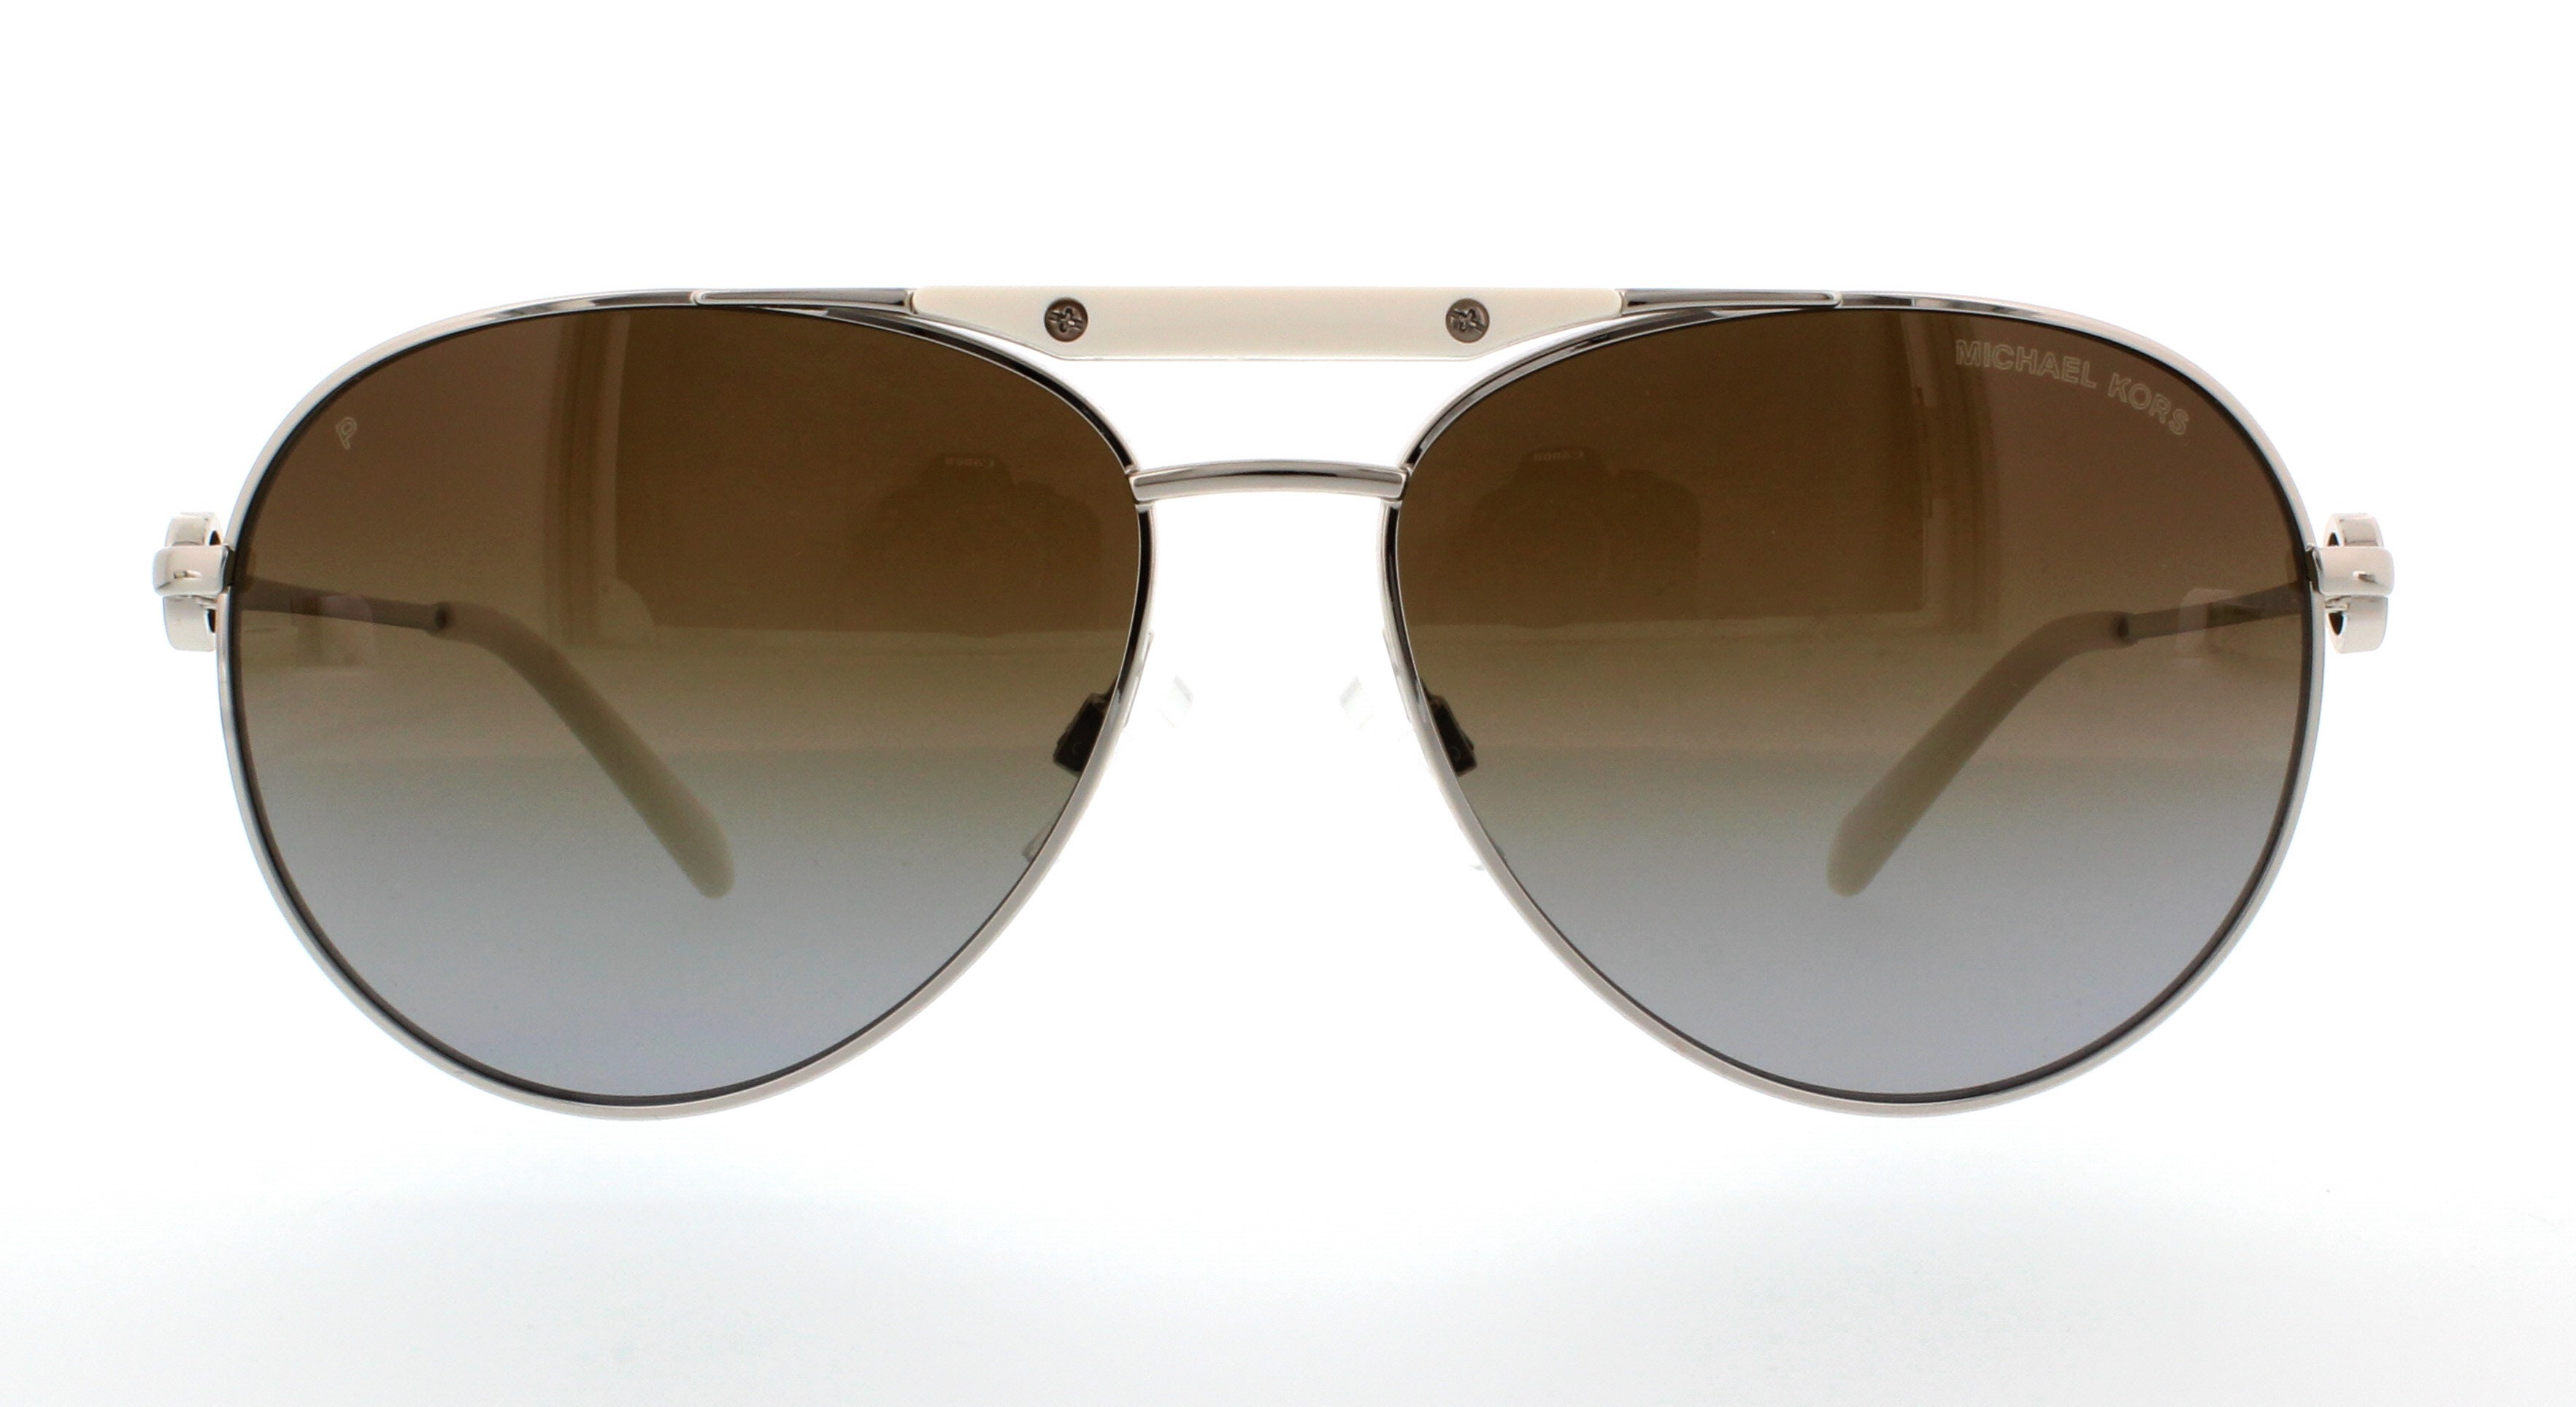 e1c16837941dc Designer Frames Outlet. Michael Kors MK5001 Zanzibar